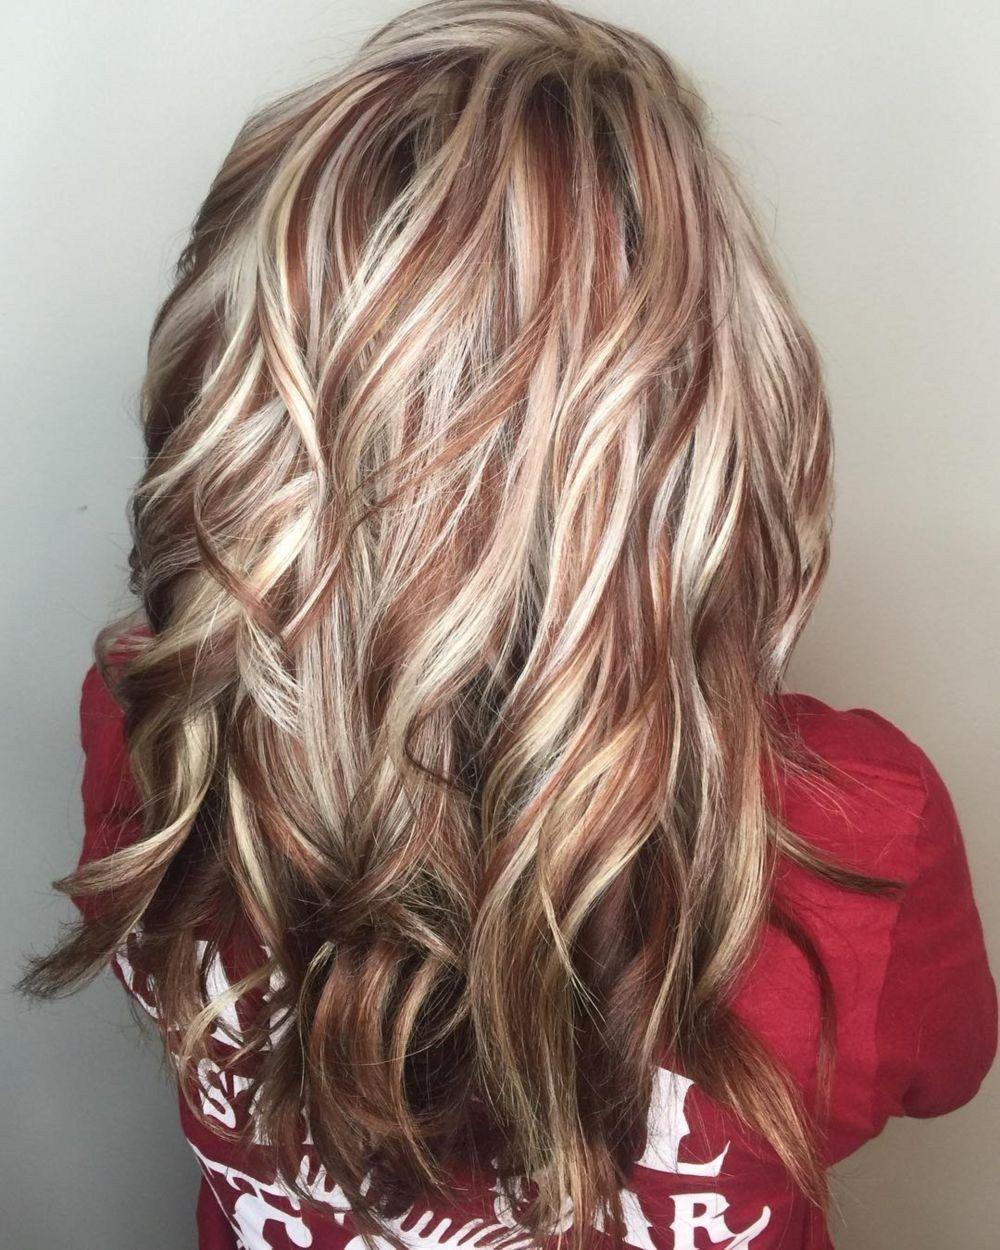 Pretty blonde hair color ideas (11) - Fashionetter  Cute hair